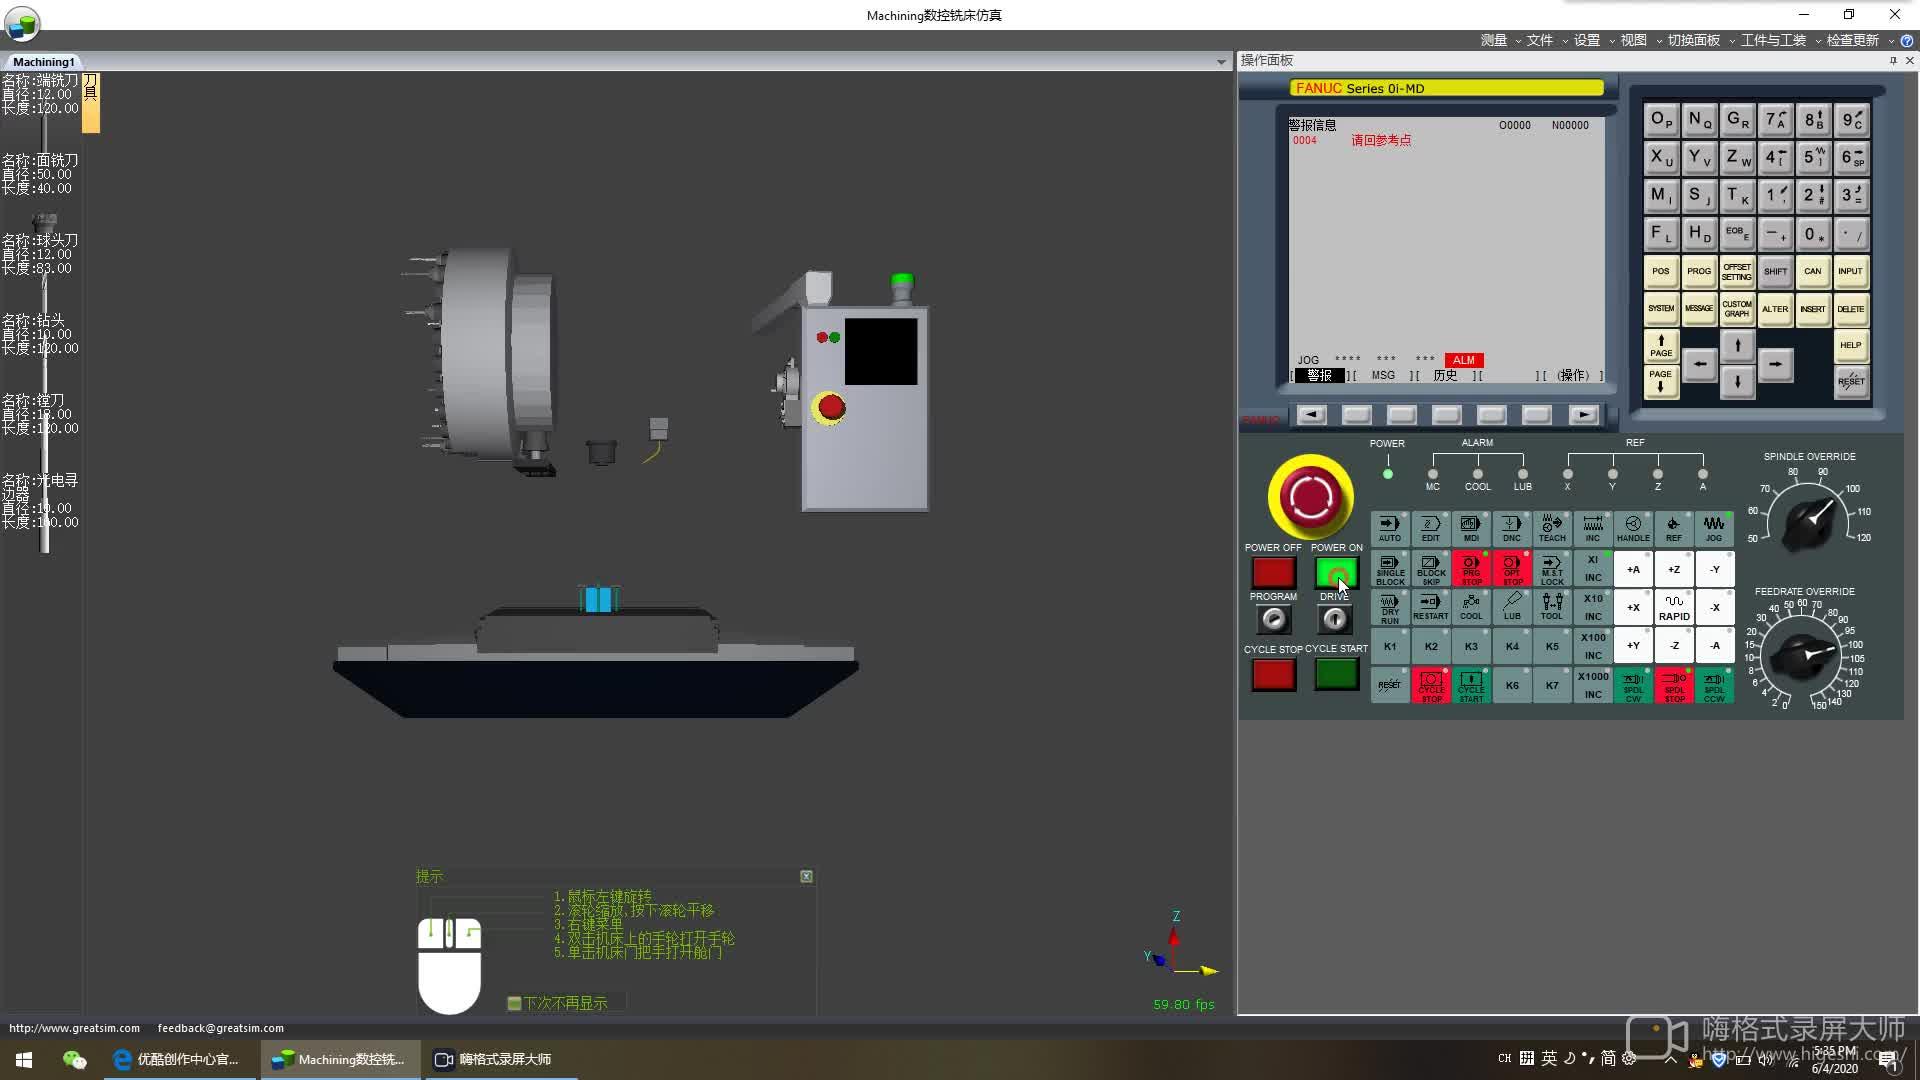 Machining数控铣床仿真软件打开,新建,编辑以及导入程序